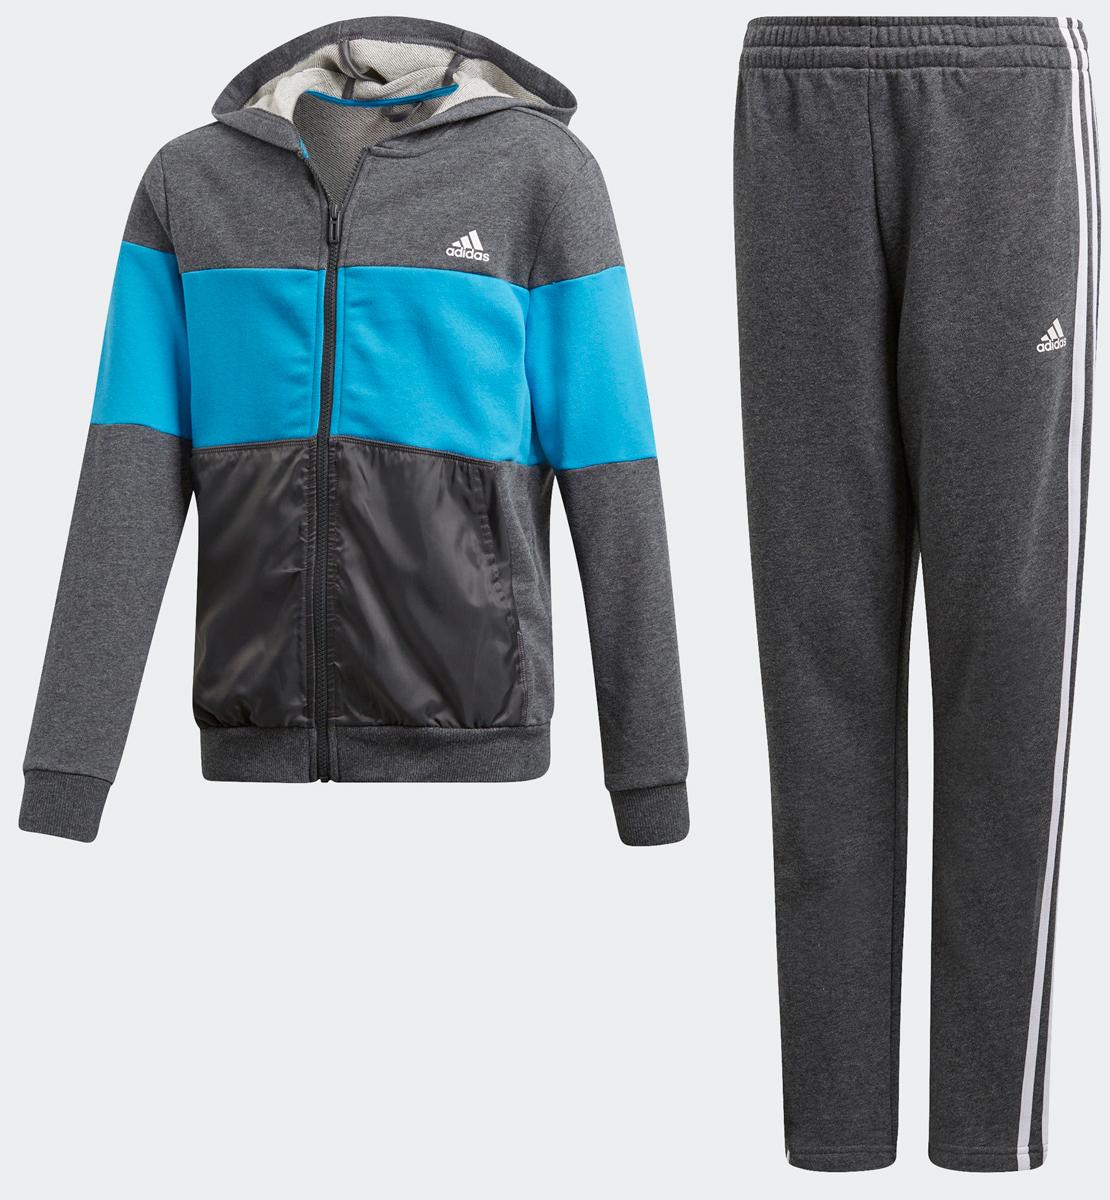 Спортивный костюм adidas спортивный костюм детский adidas i fun jog fl цвет черный серый ce9729 размер 104